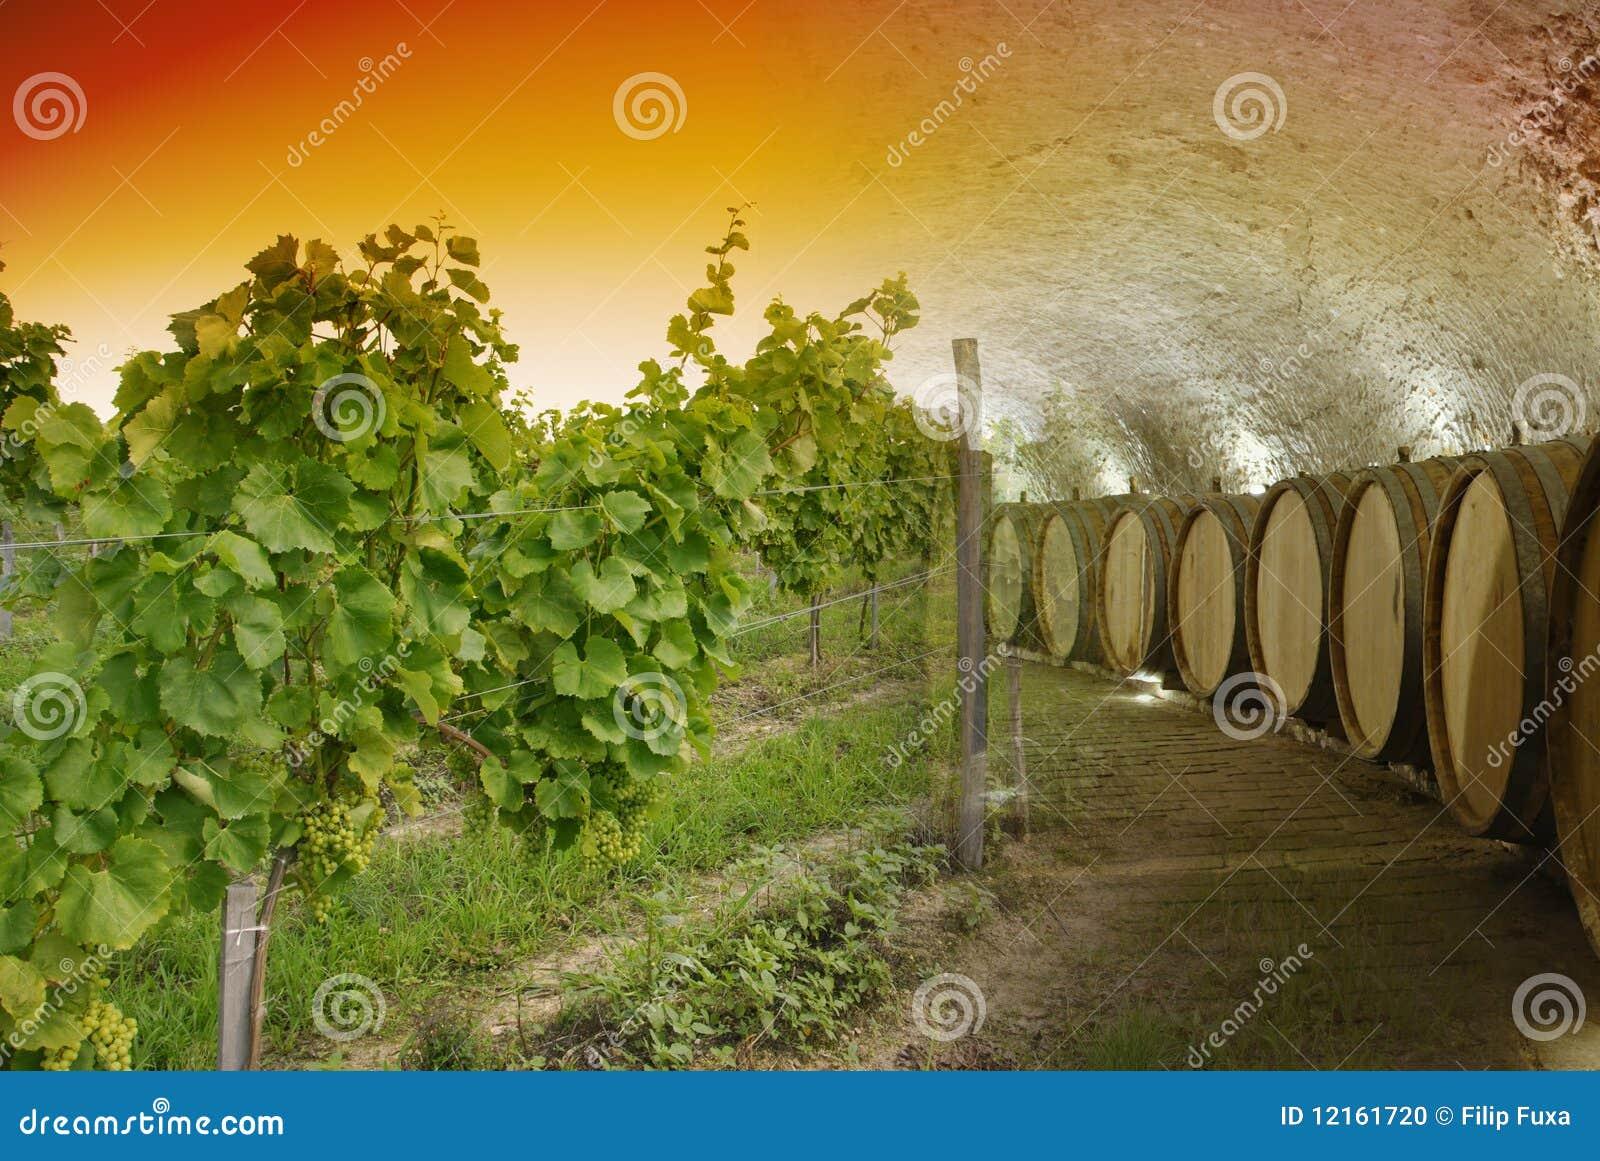 De kelder van de wijn en wijnmakerij